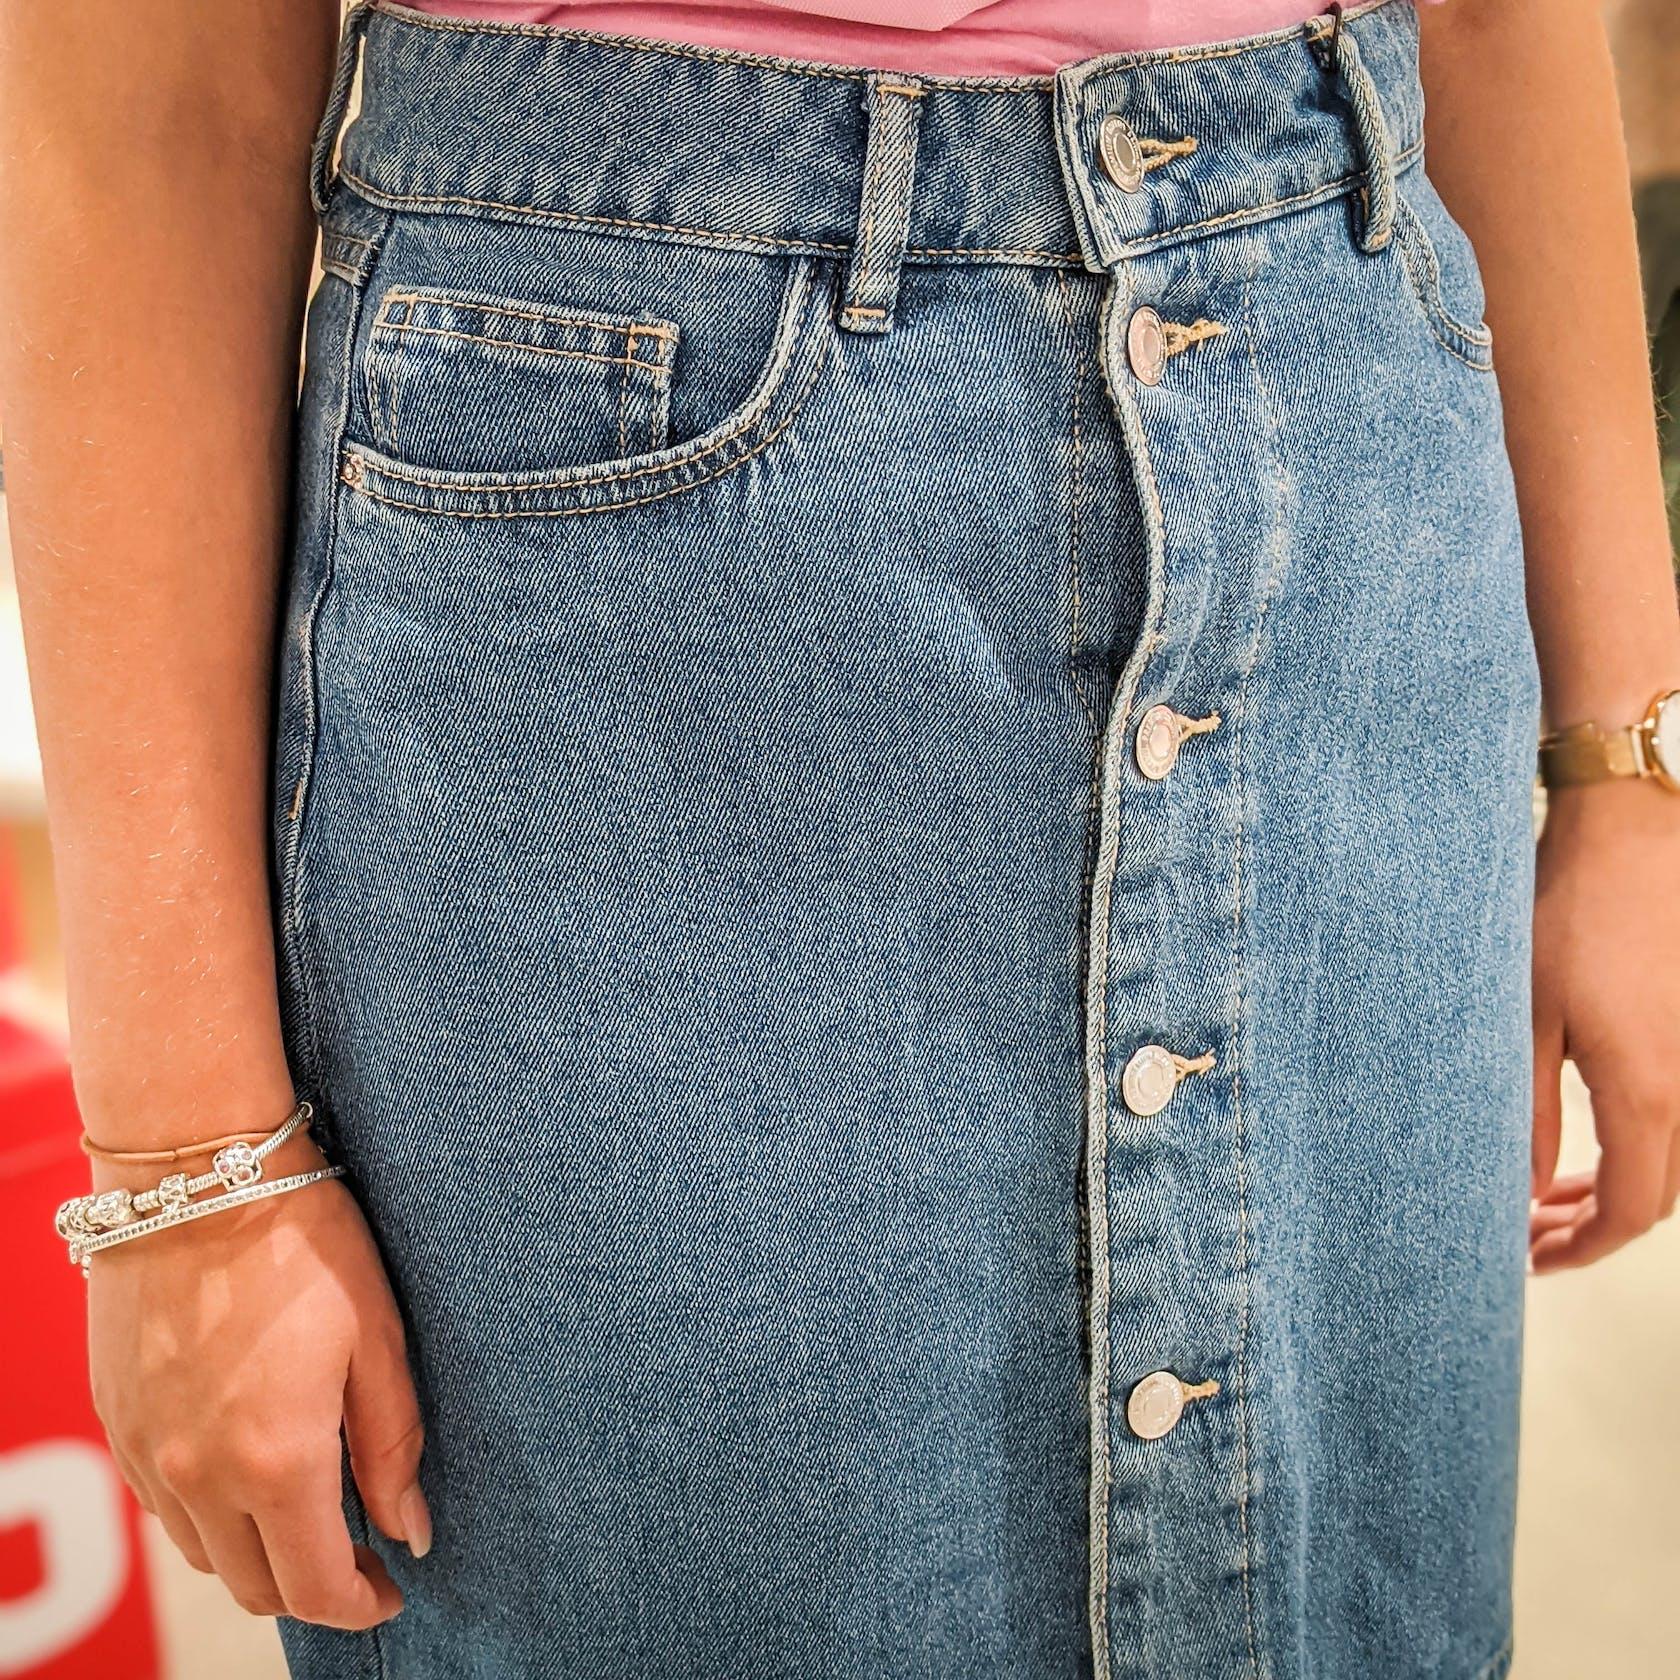 Nahaufnahme von einem Jeansrock von der Marke Vero Moda